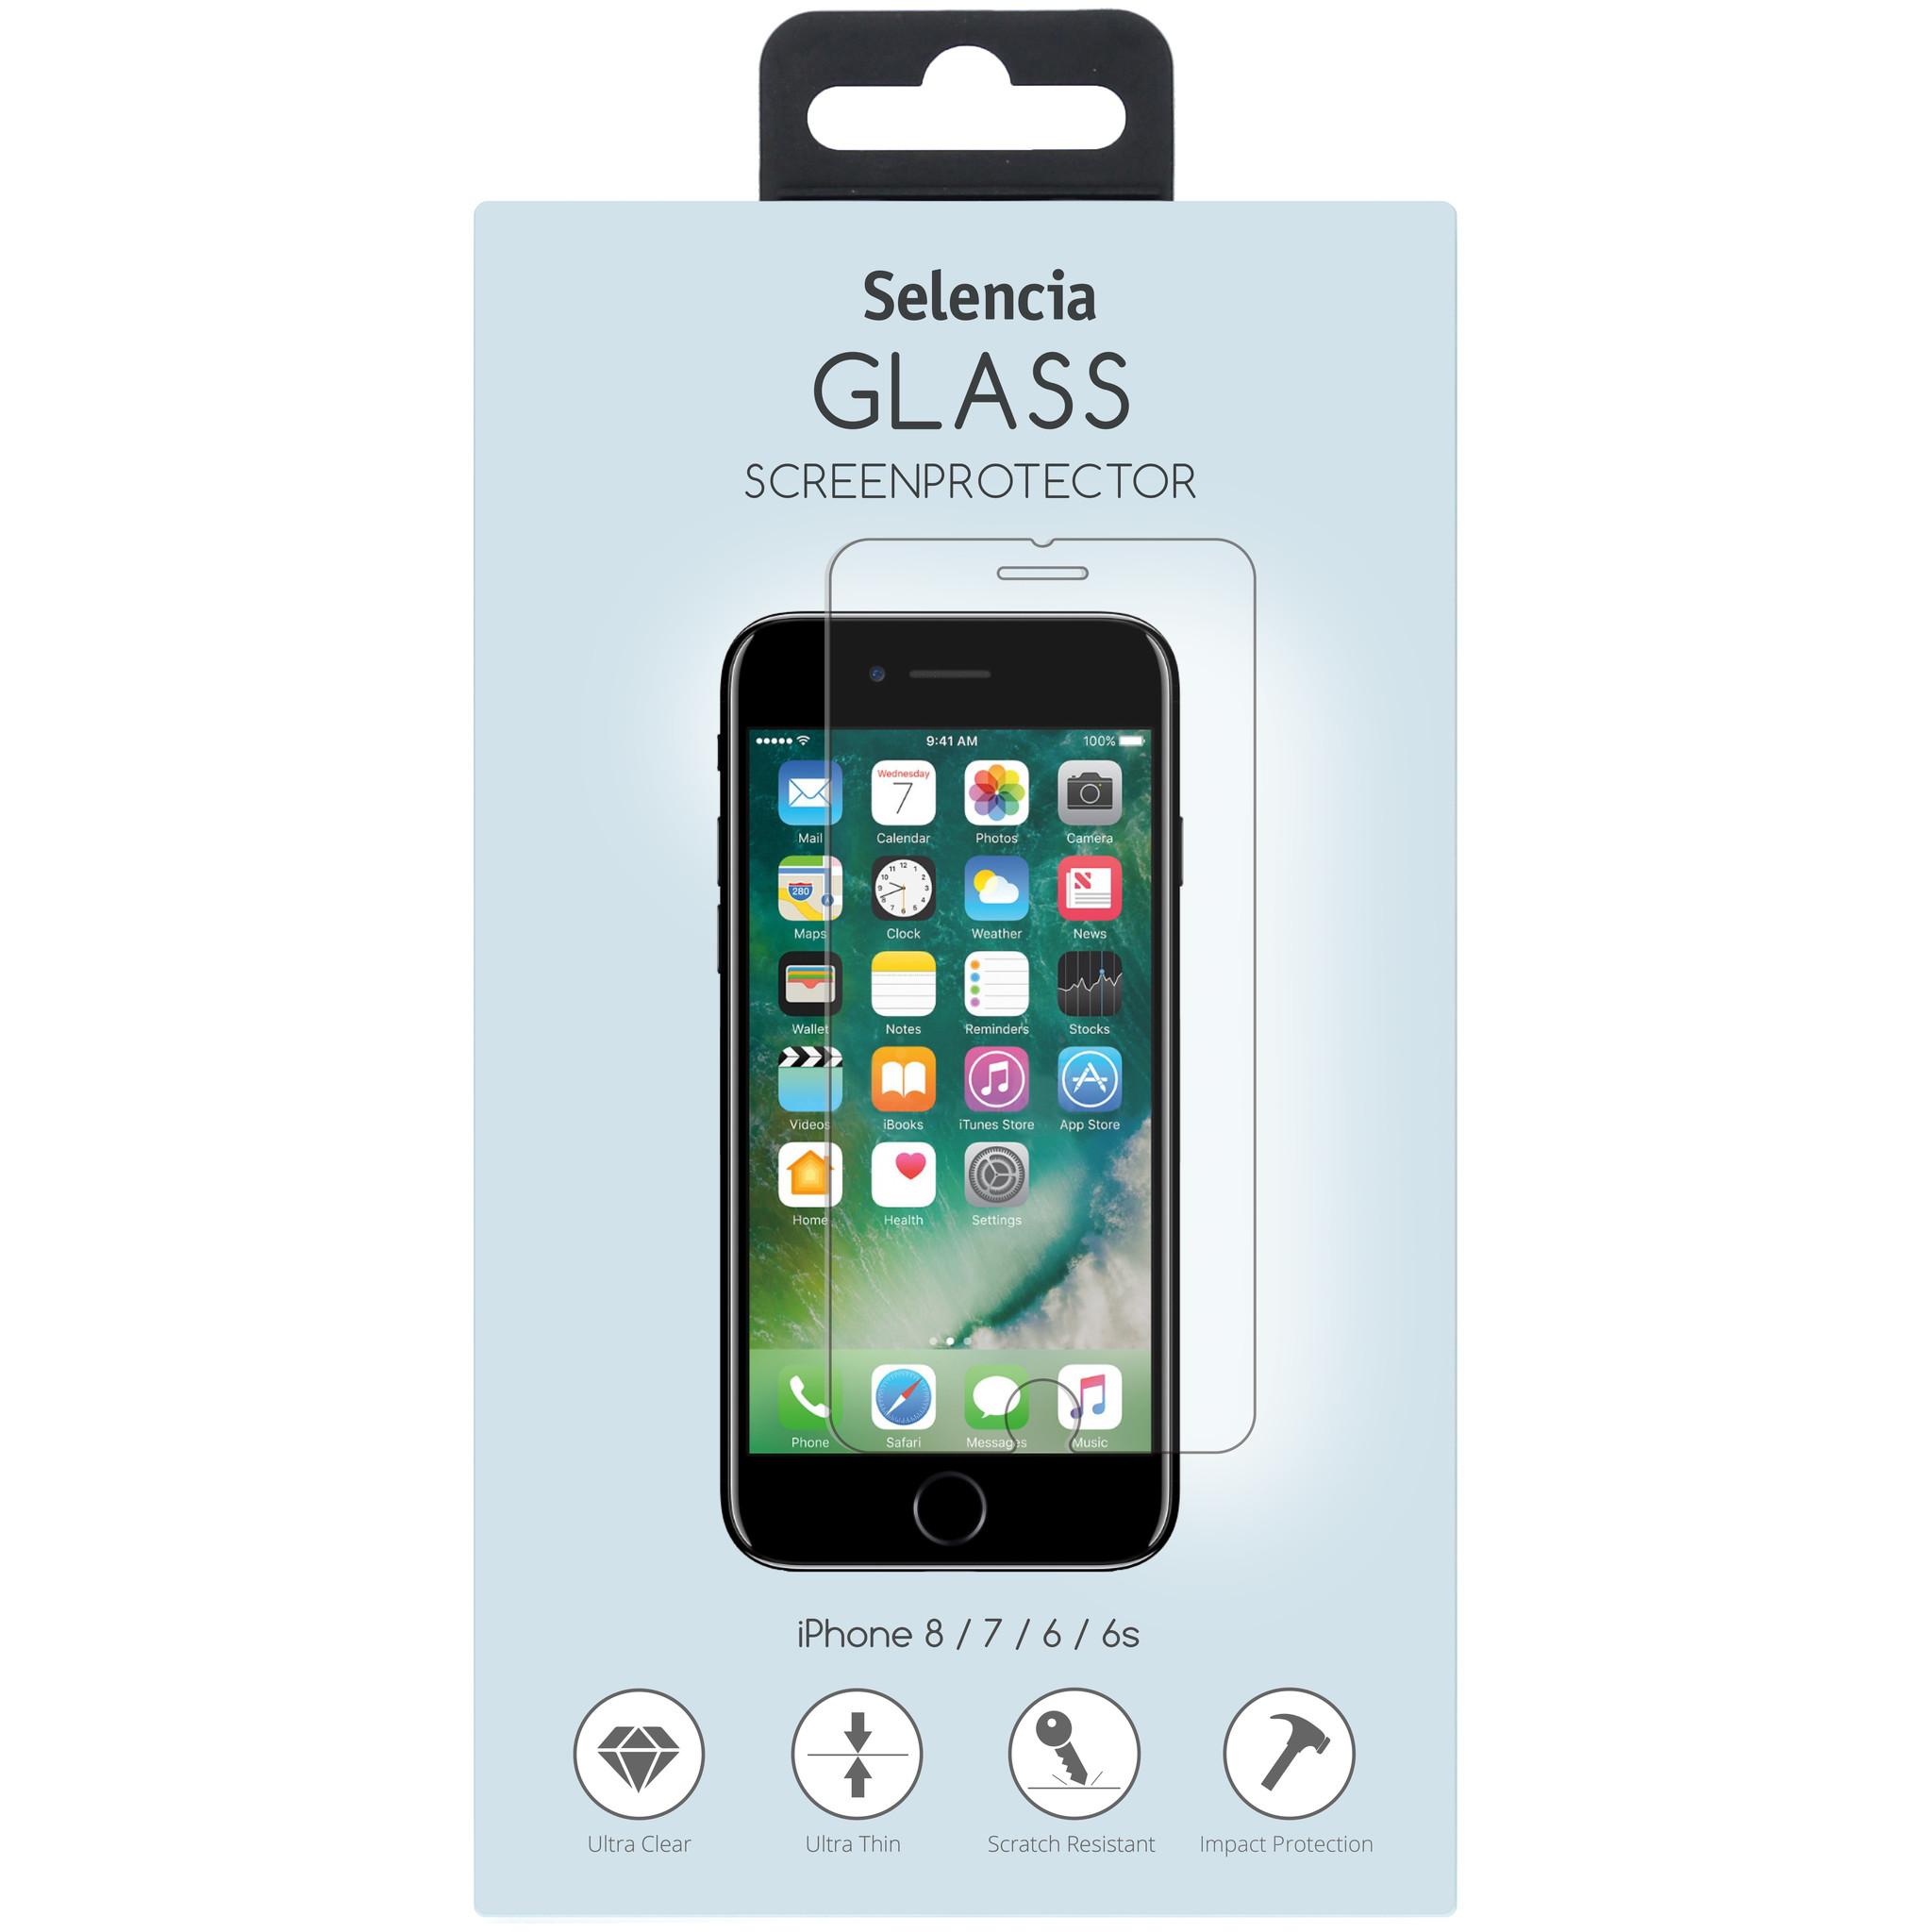 Gehard Glas Screenprotector.Selencia Gehard Glas Screenprotector Voor Iphone 8 7 6s 6